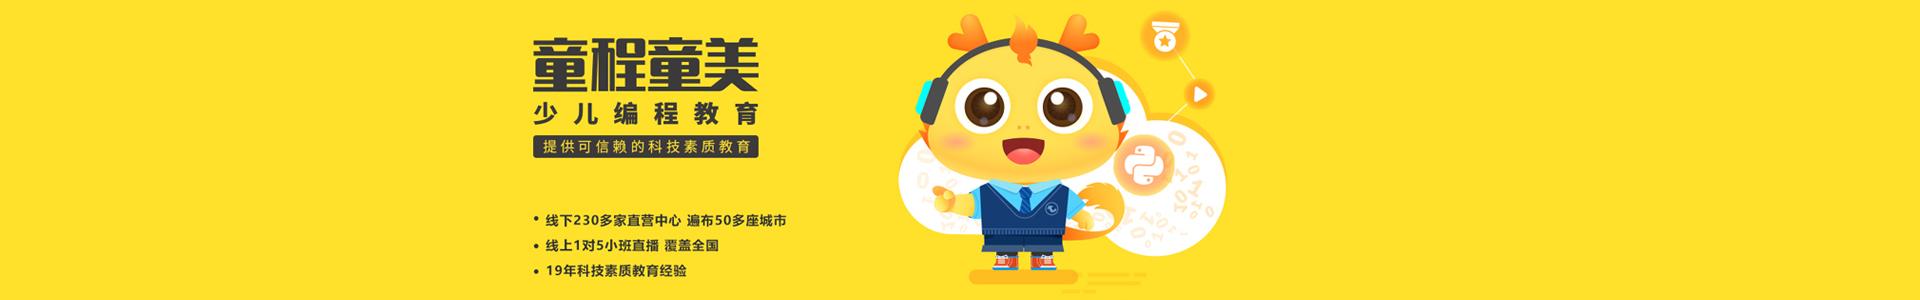 蘇州童程童美少兒編程培訓機構